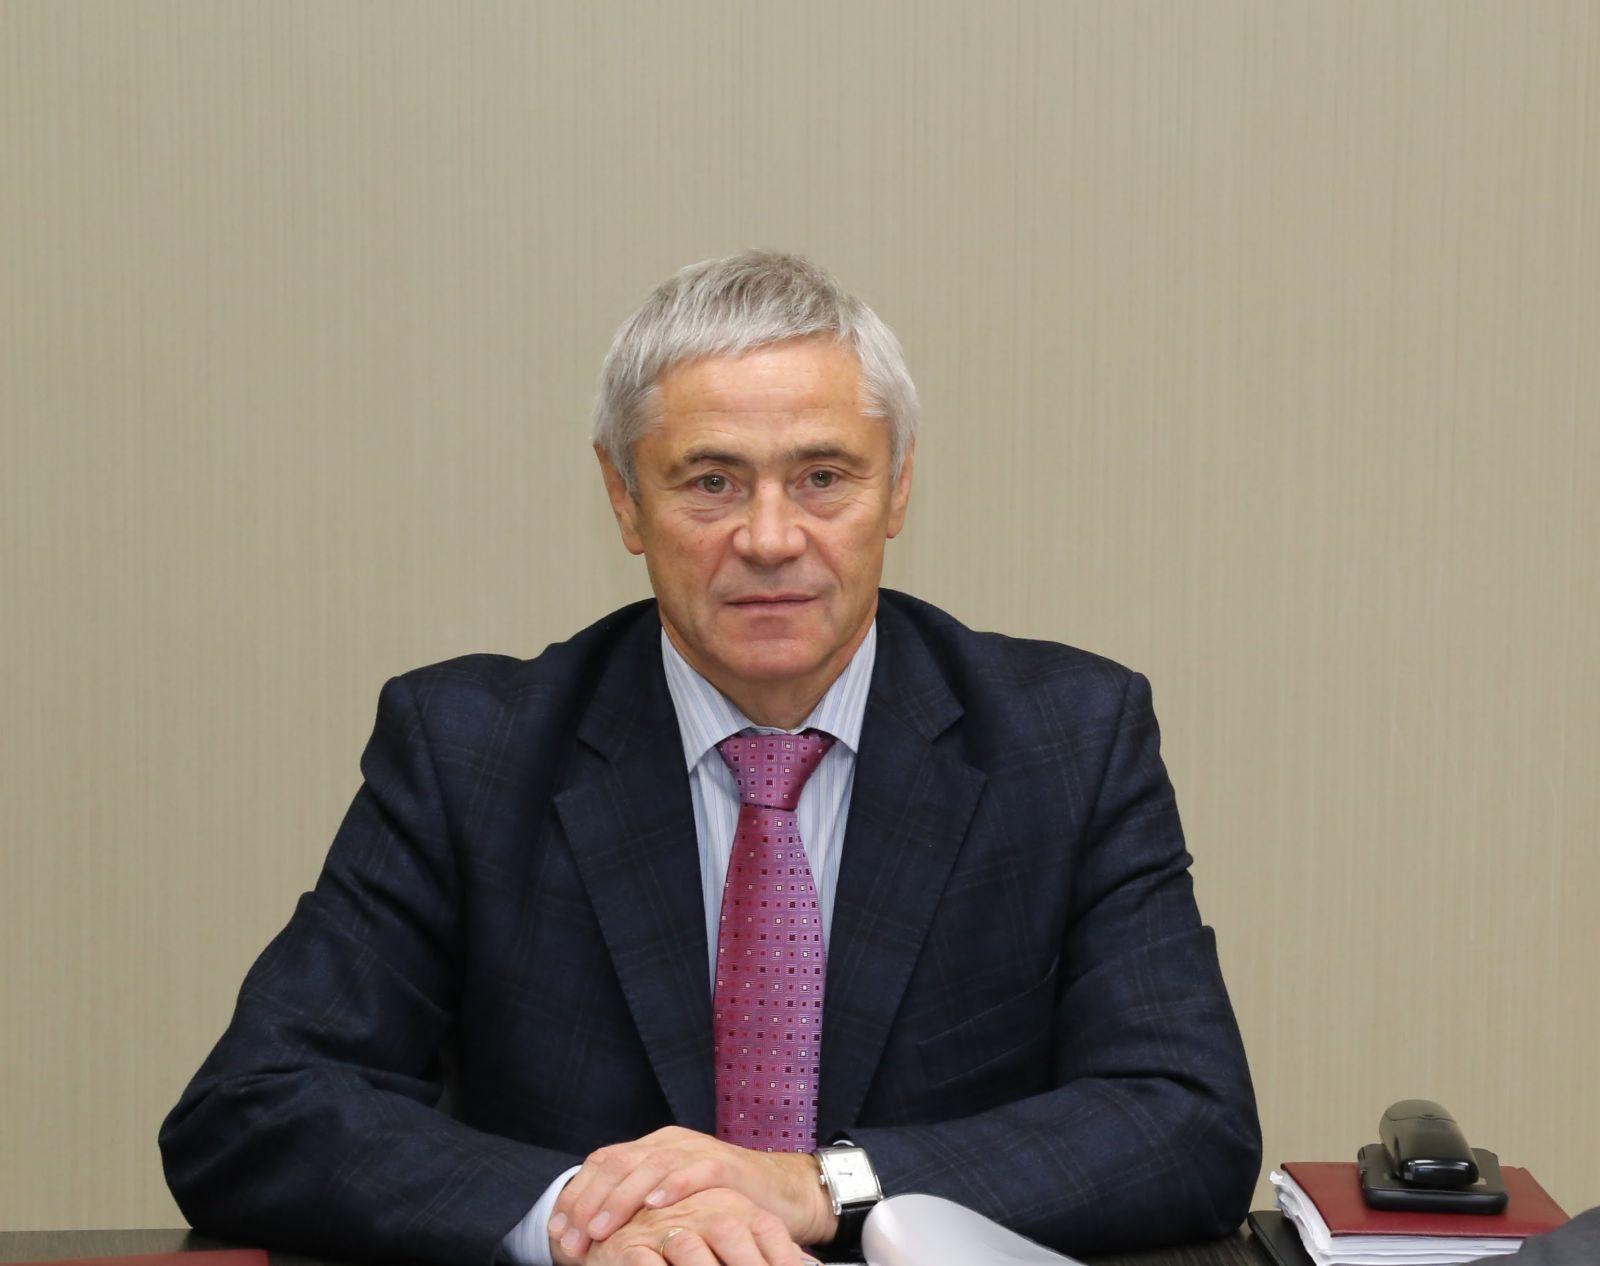 П.А. Рожков в офисе ПКР провел заседание Бюро рабочей группы ПКР по подготовке к участию в XII Паралимпийских зимних играх 2018 года в г. Пхёнчхан (Республика Корея)